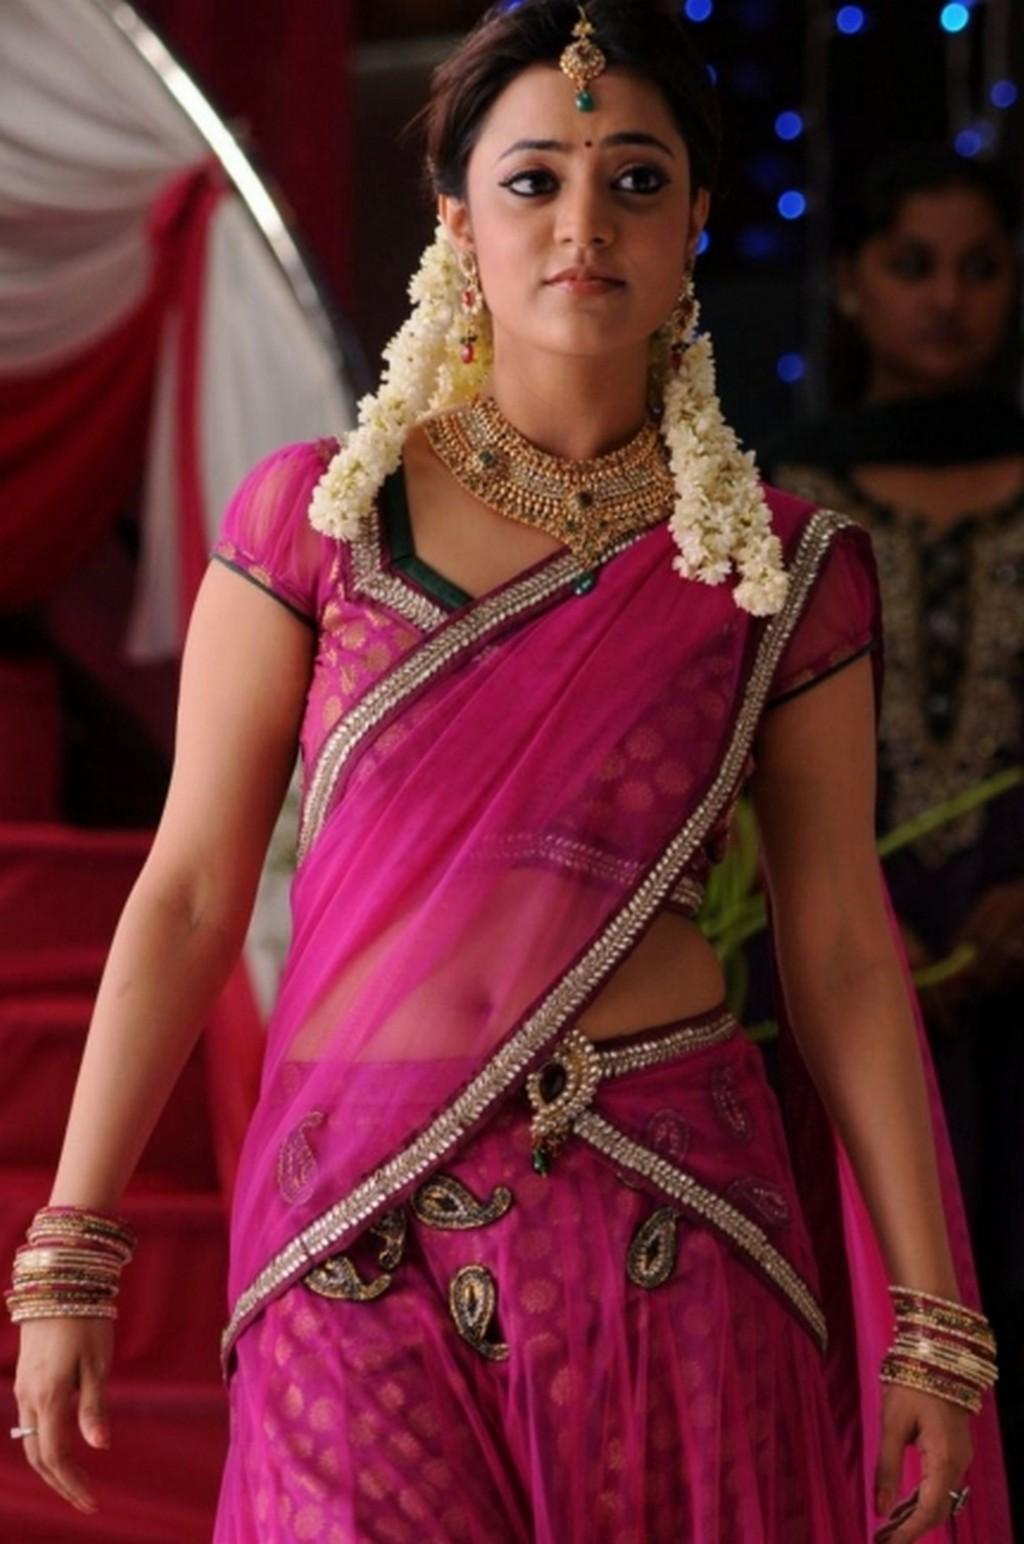 Nisha Agarwal navel, Nisha Agarwal in pink half sare